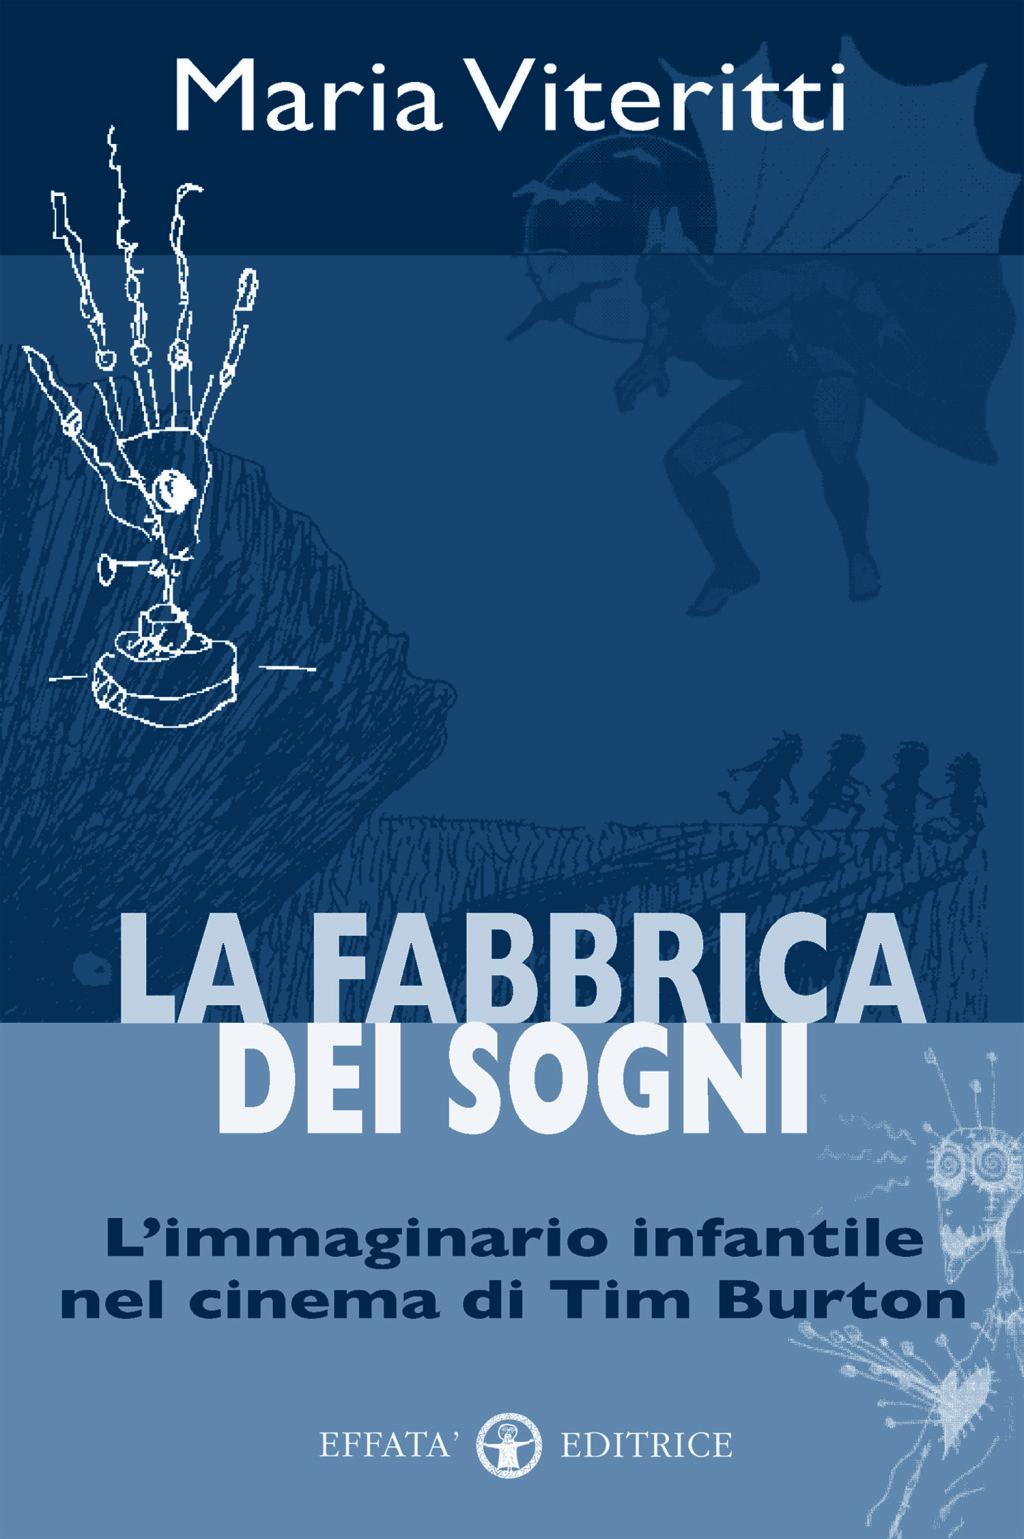 Libro «La fabbrica dei sogni» di Maria Viteritti ~ Effatà